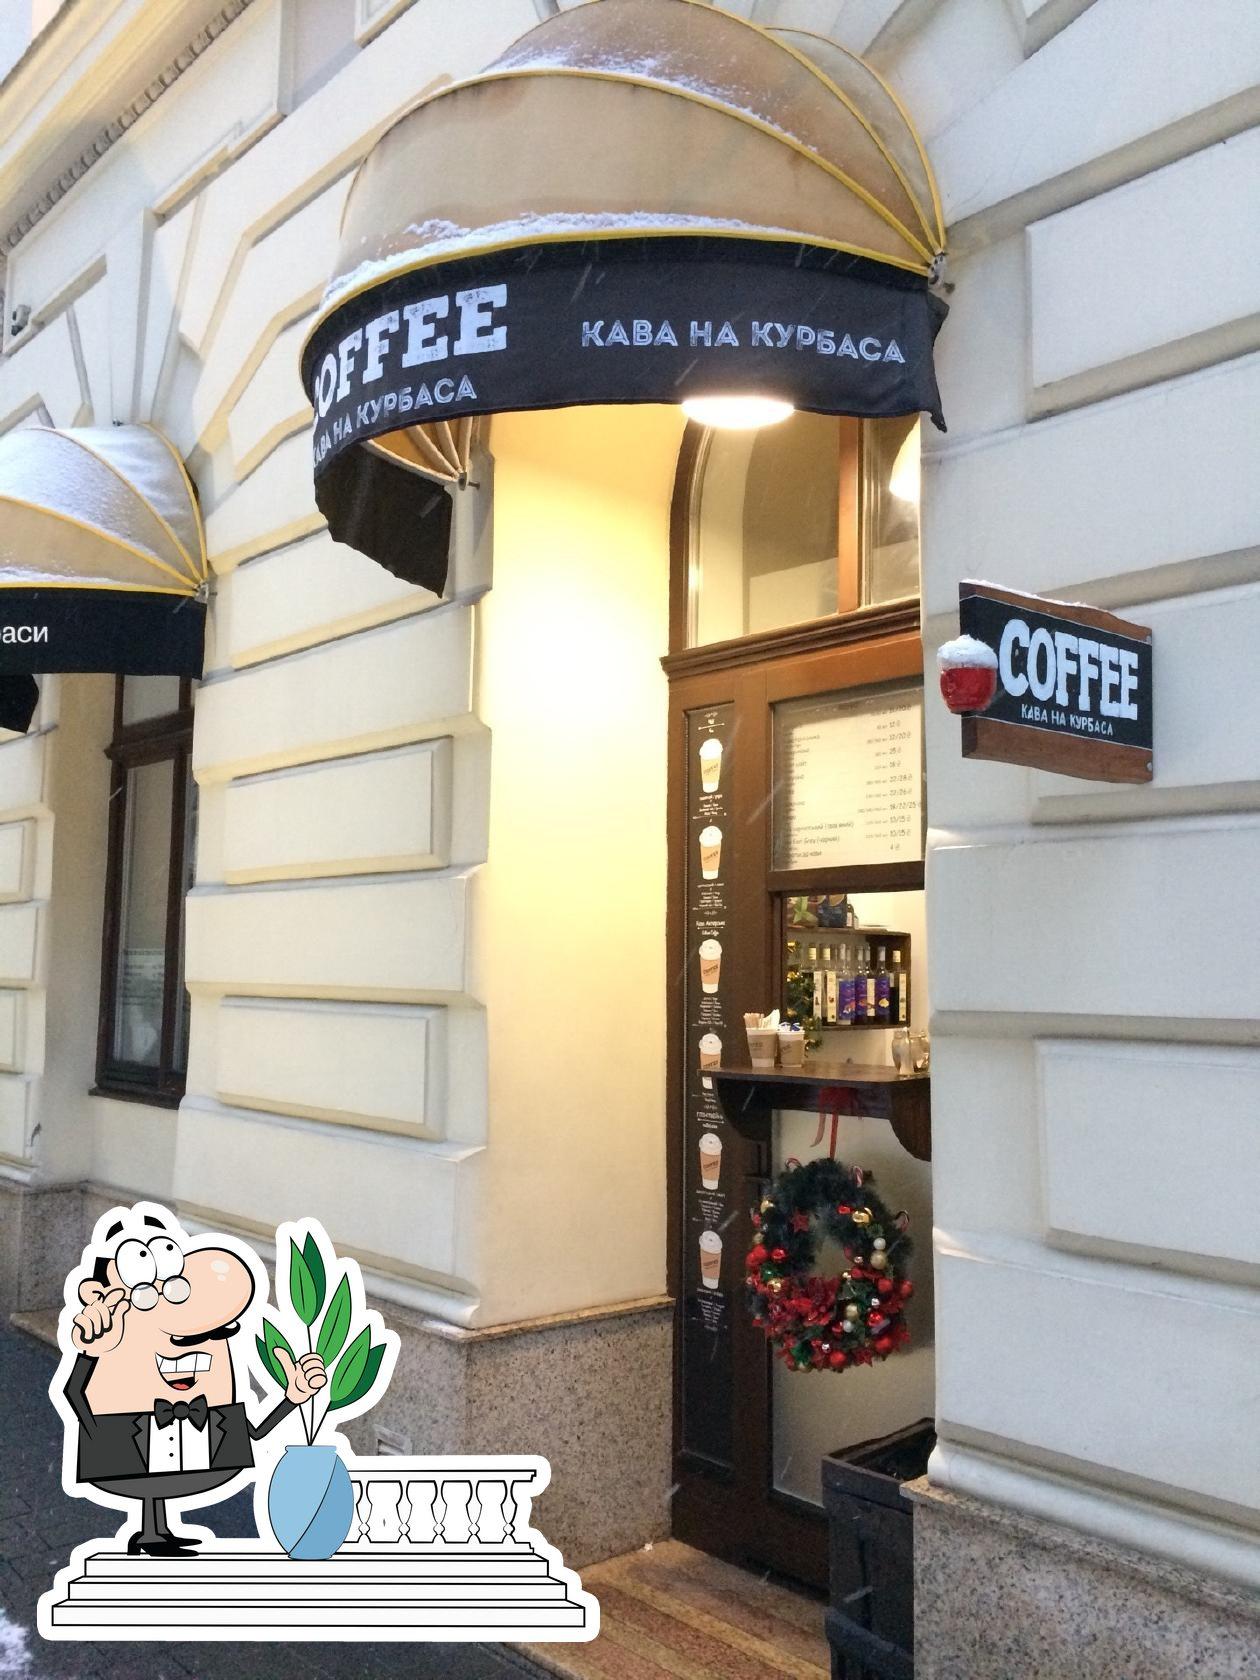 Schaut euch an, wie COFFEE кава на Курбаса von außen aussieht